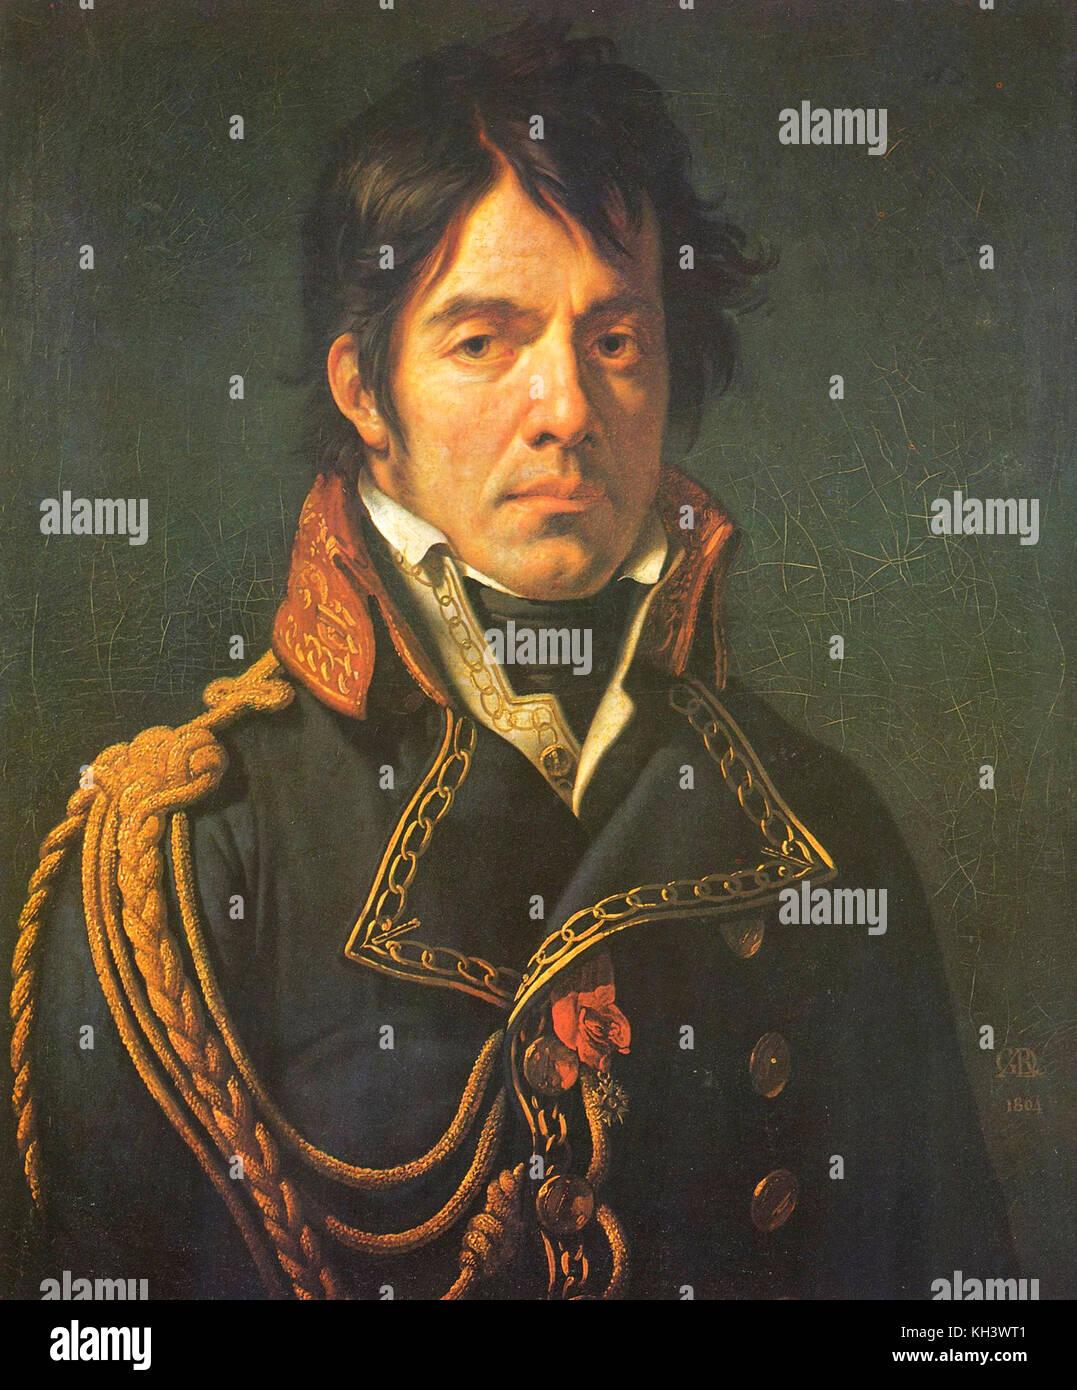 Dominique Jean larrey, französischer Chirurg in der Grande Armée Napoleons und ein wichtiger Innovator Stockbild